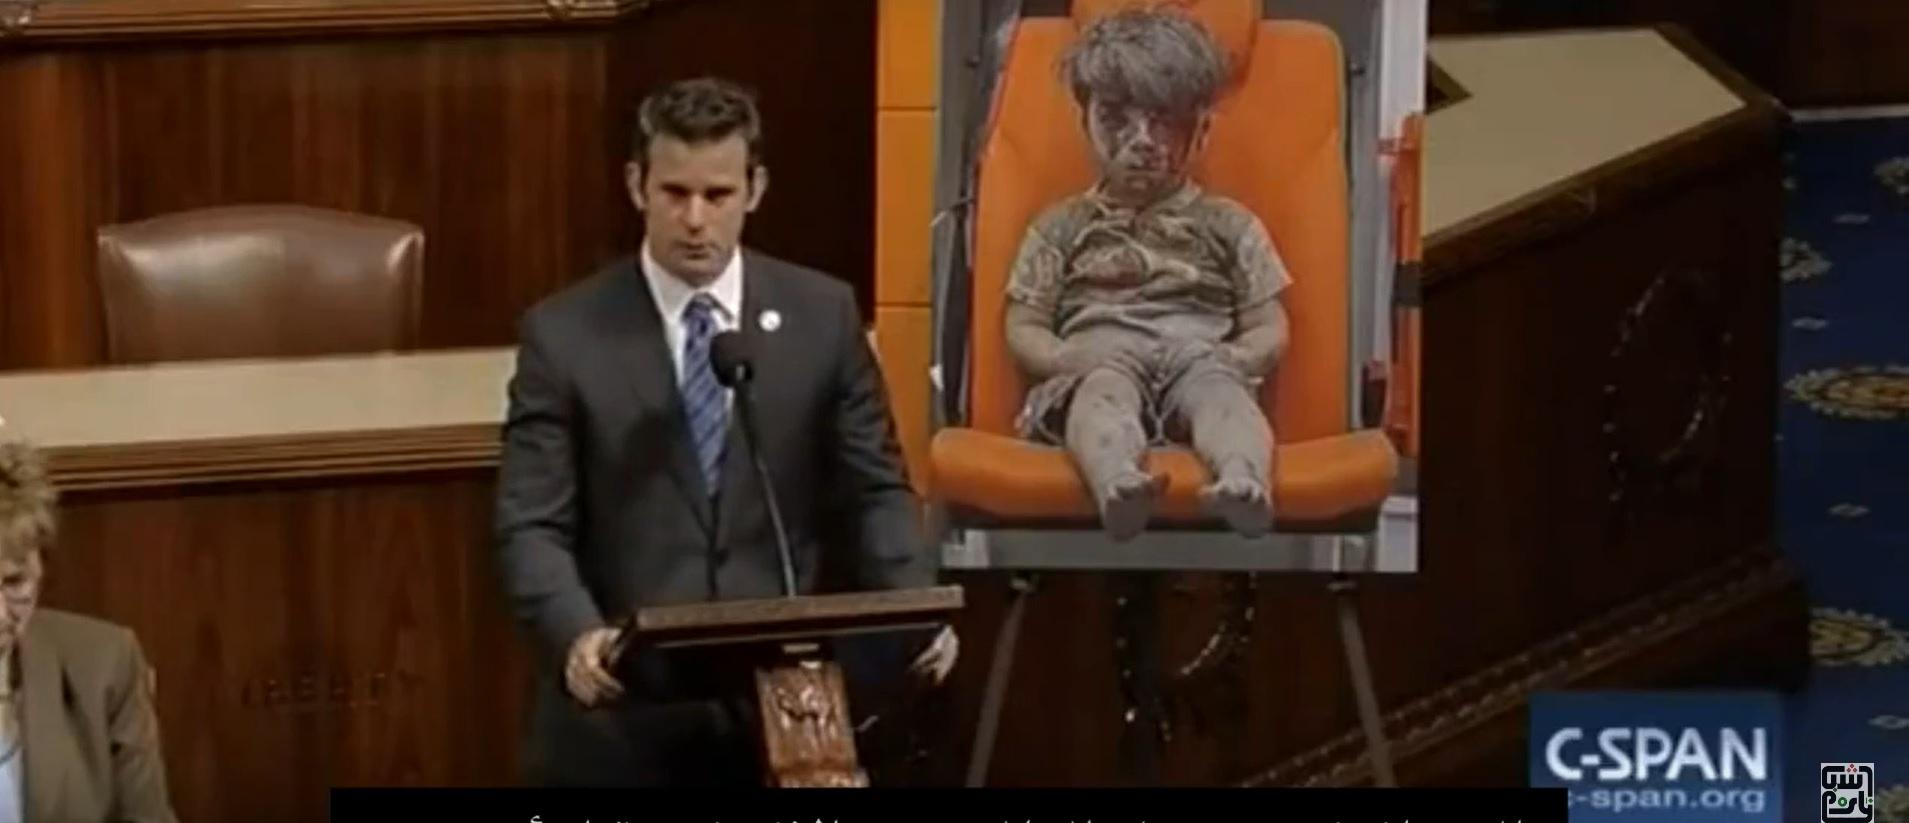 نائب أمريكي يرافع عن الشعب السوري داخل الكونغرس